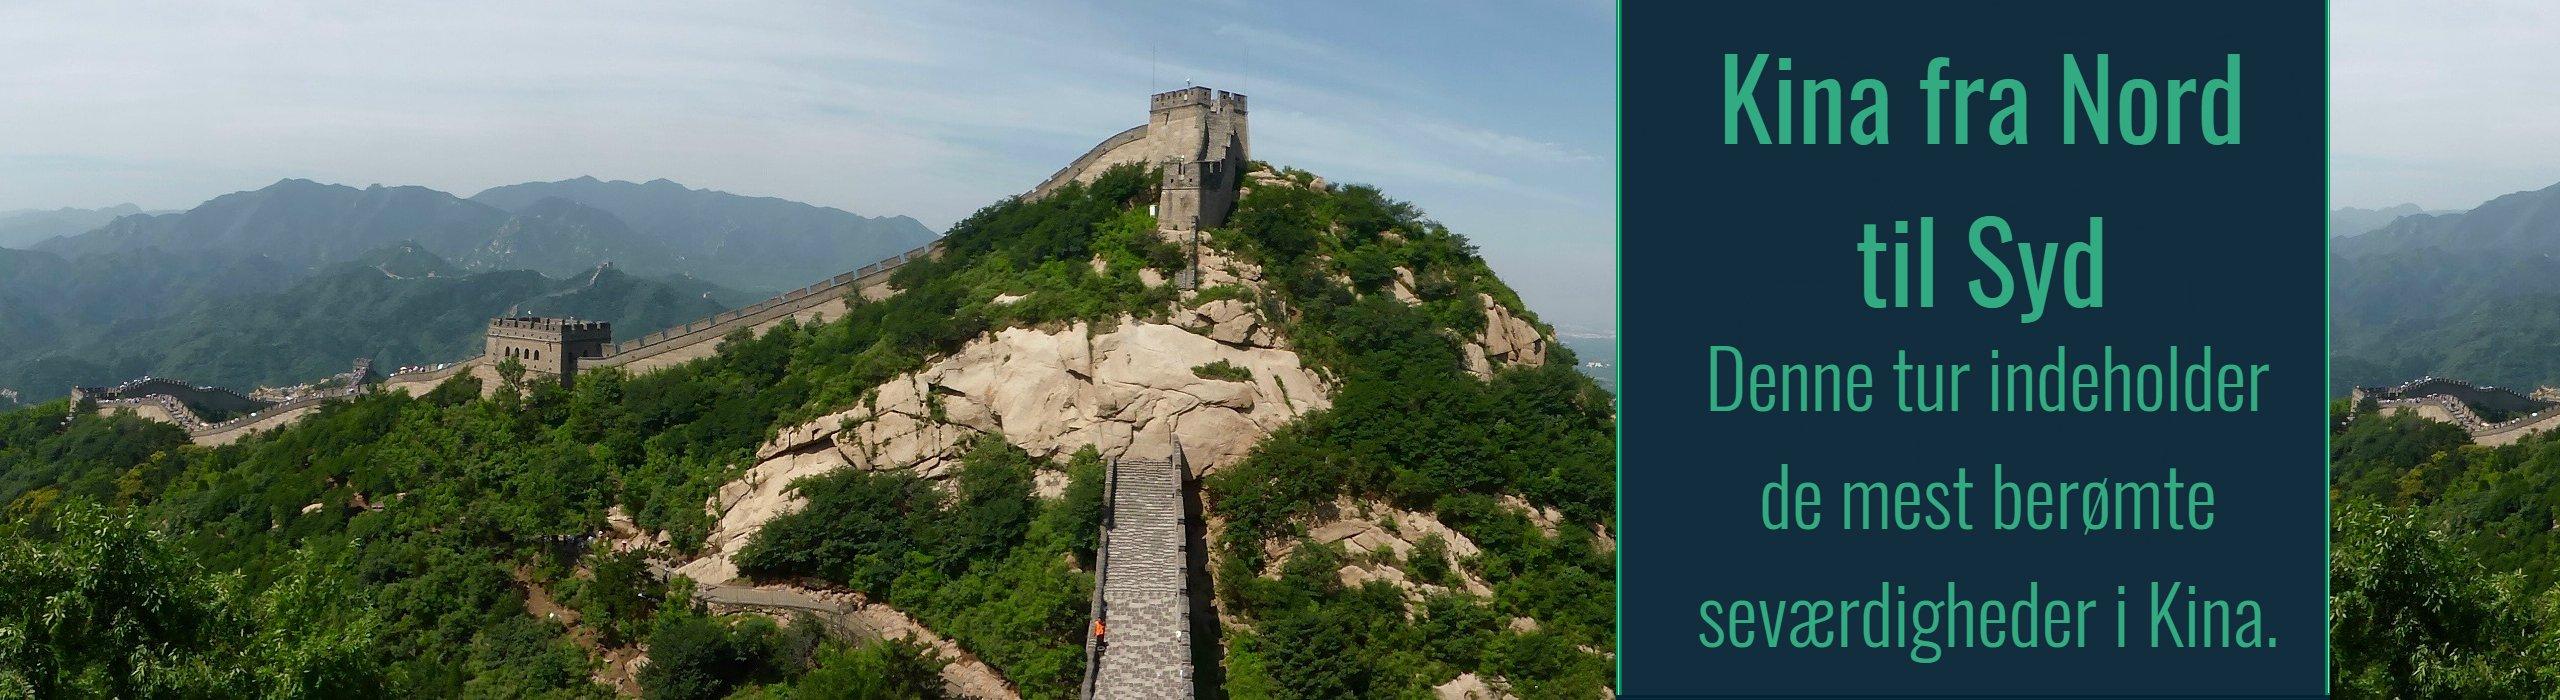 Rundrejser i Kina<br>